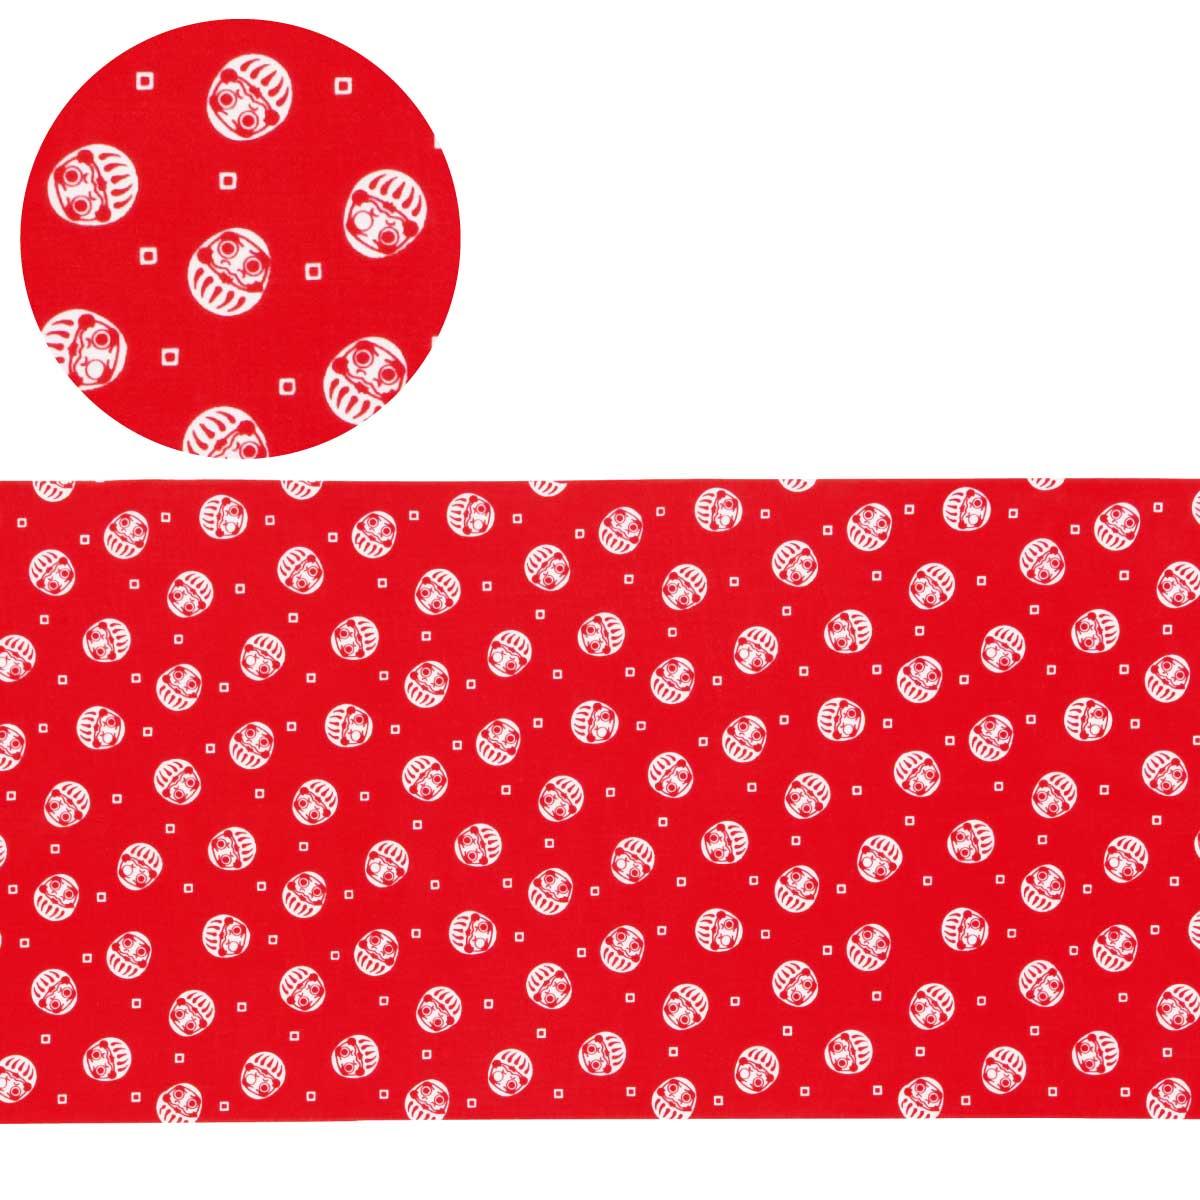 縁起小紋手拭(達磨) 専用紙巻